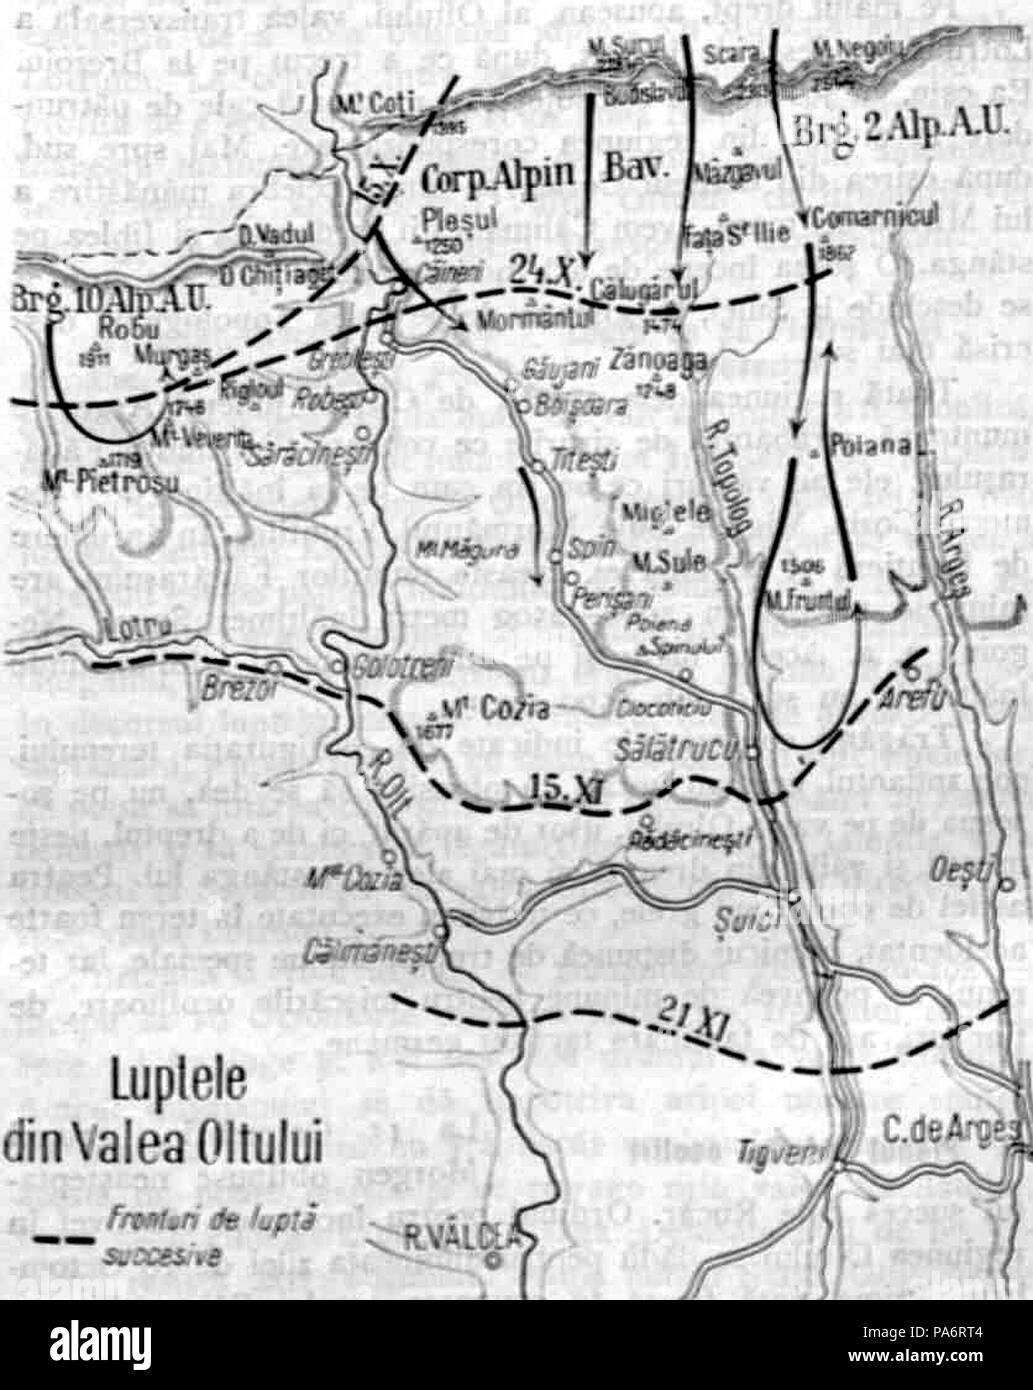 5 1929 Harta Luptelor Din Valea Oltului Kiritescu Ii 72 Stock